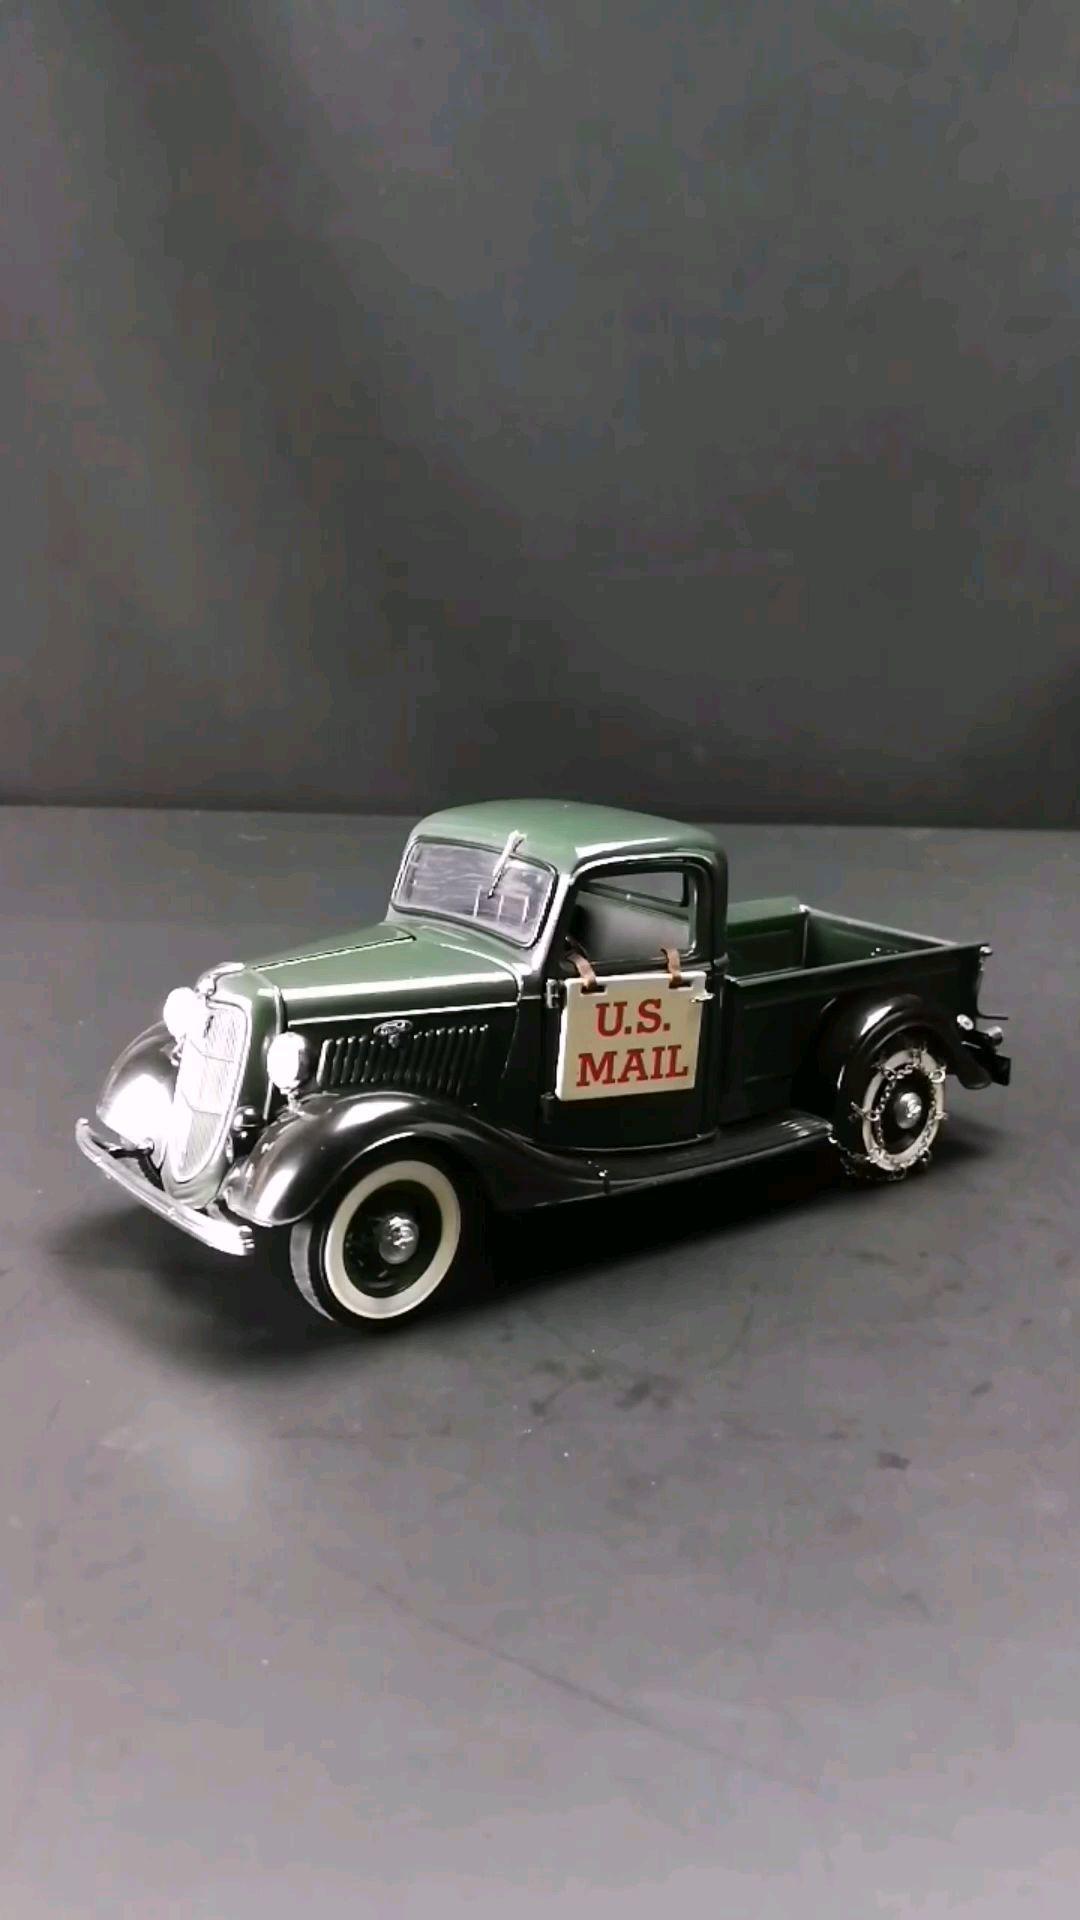 1935福特皮卡美国邮政车,1:24,东晓汽车模型收藏馆藏品。